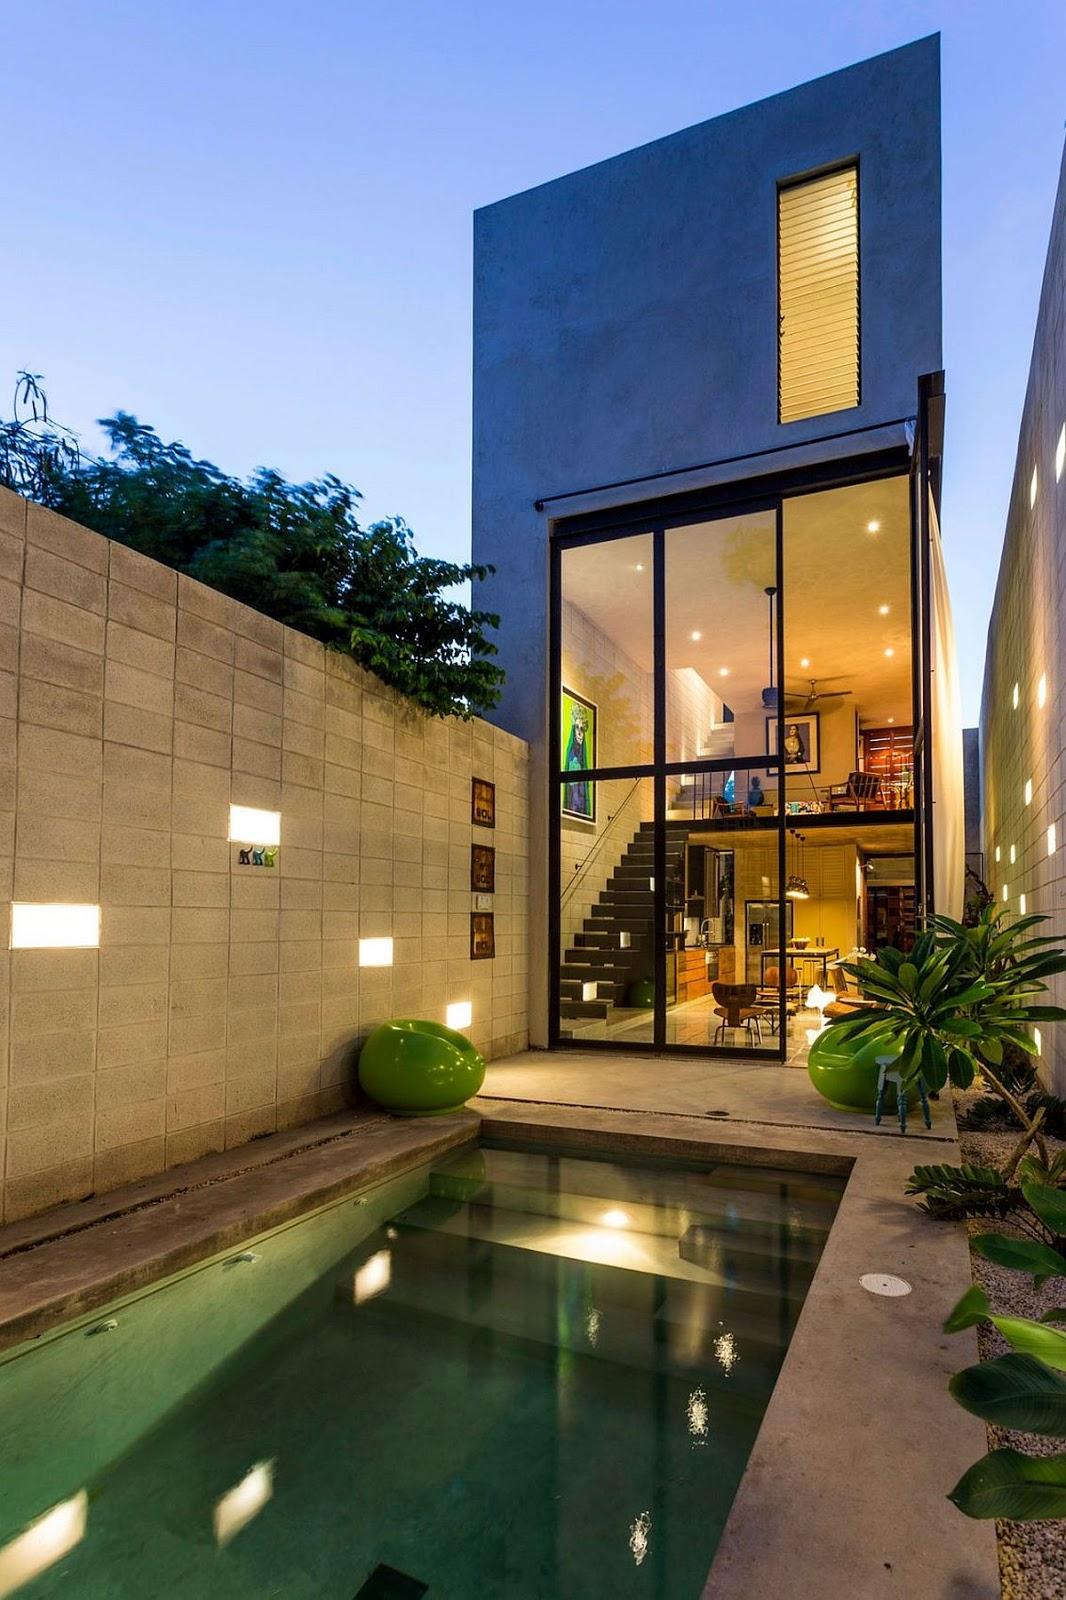 Uma moderna casa mexicana design innova for Arquitectura mexicana moderna